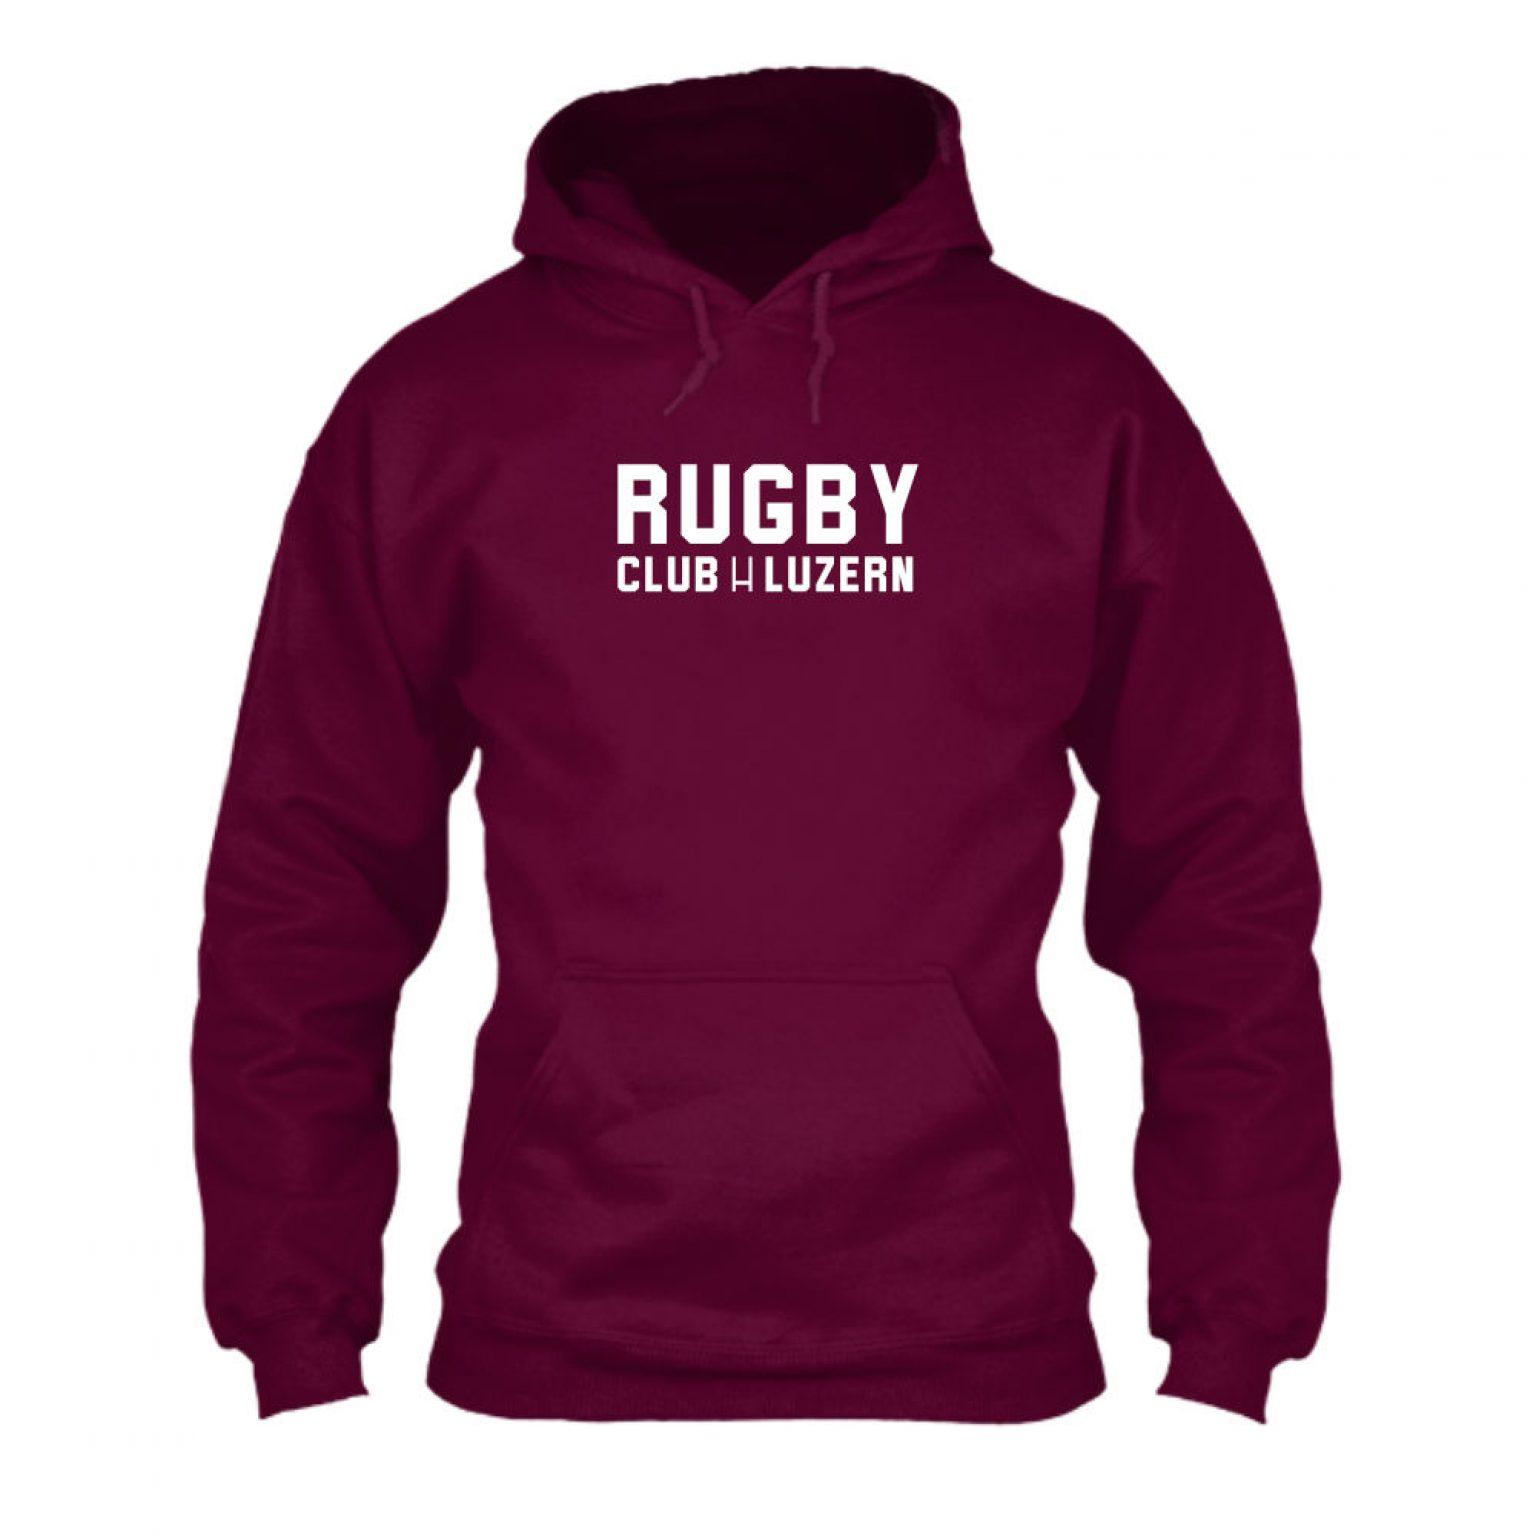 rugbyH hoodie herren burgundy